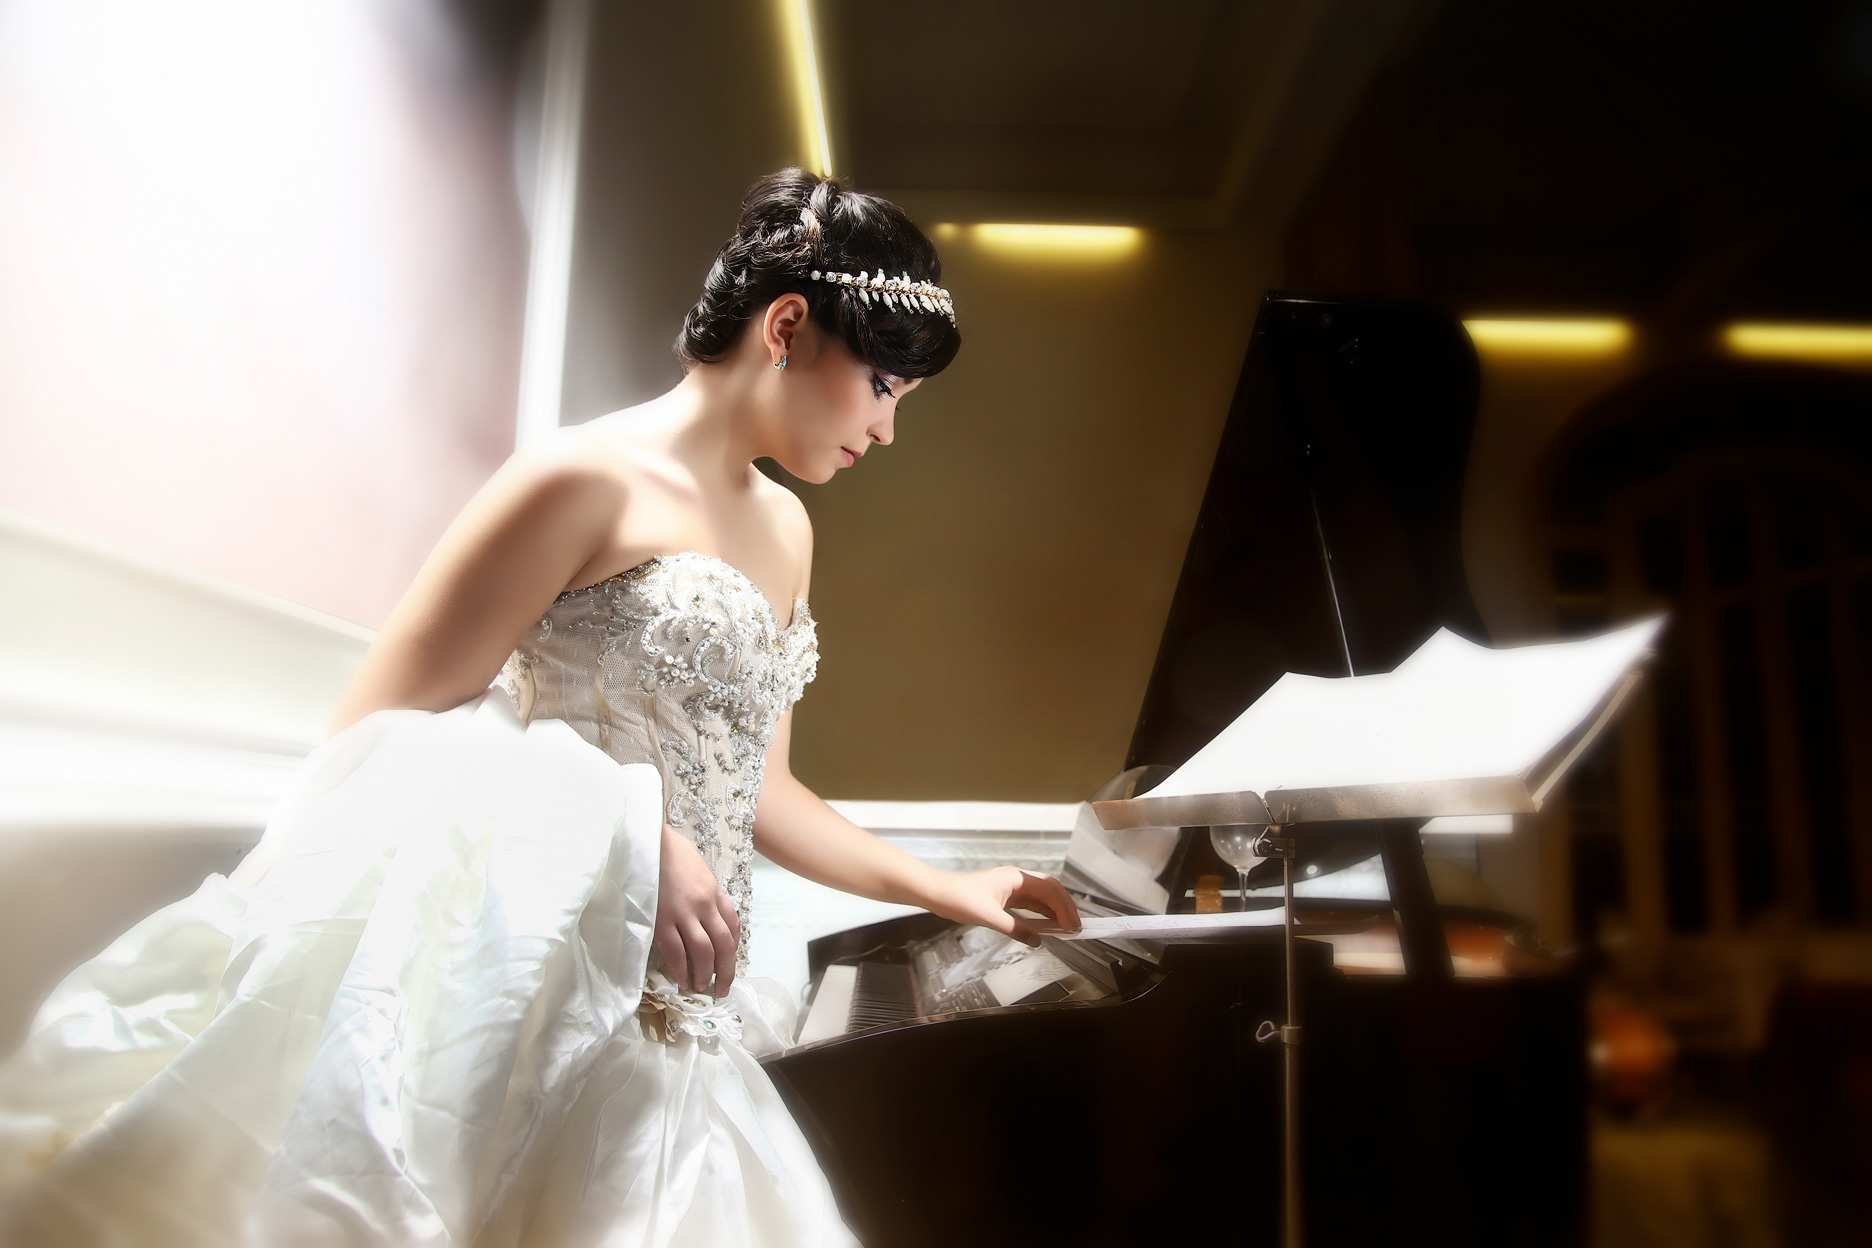 quinceañera fotgrafiada por Estudios Mahe usando vestido blanco frente a un piano